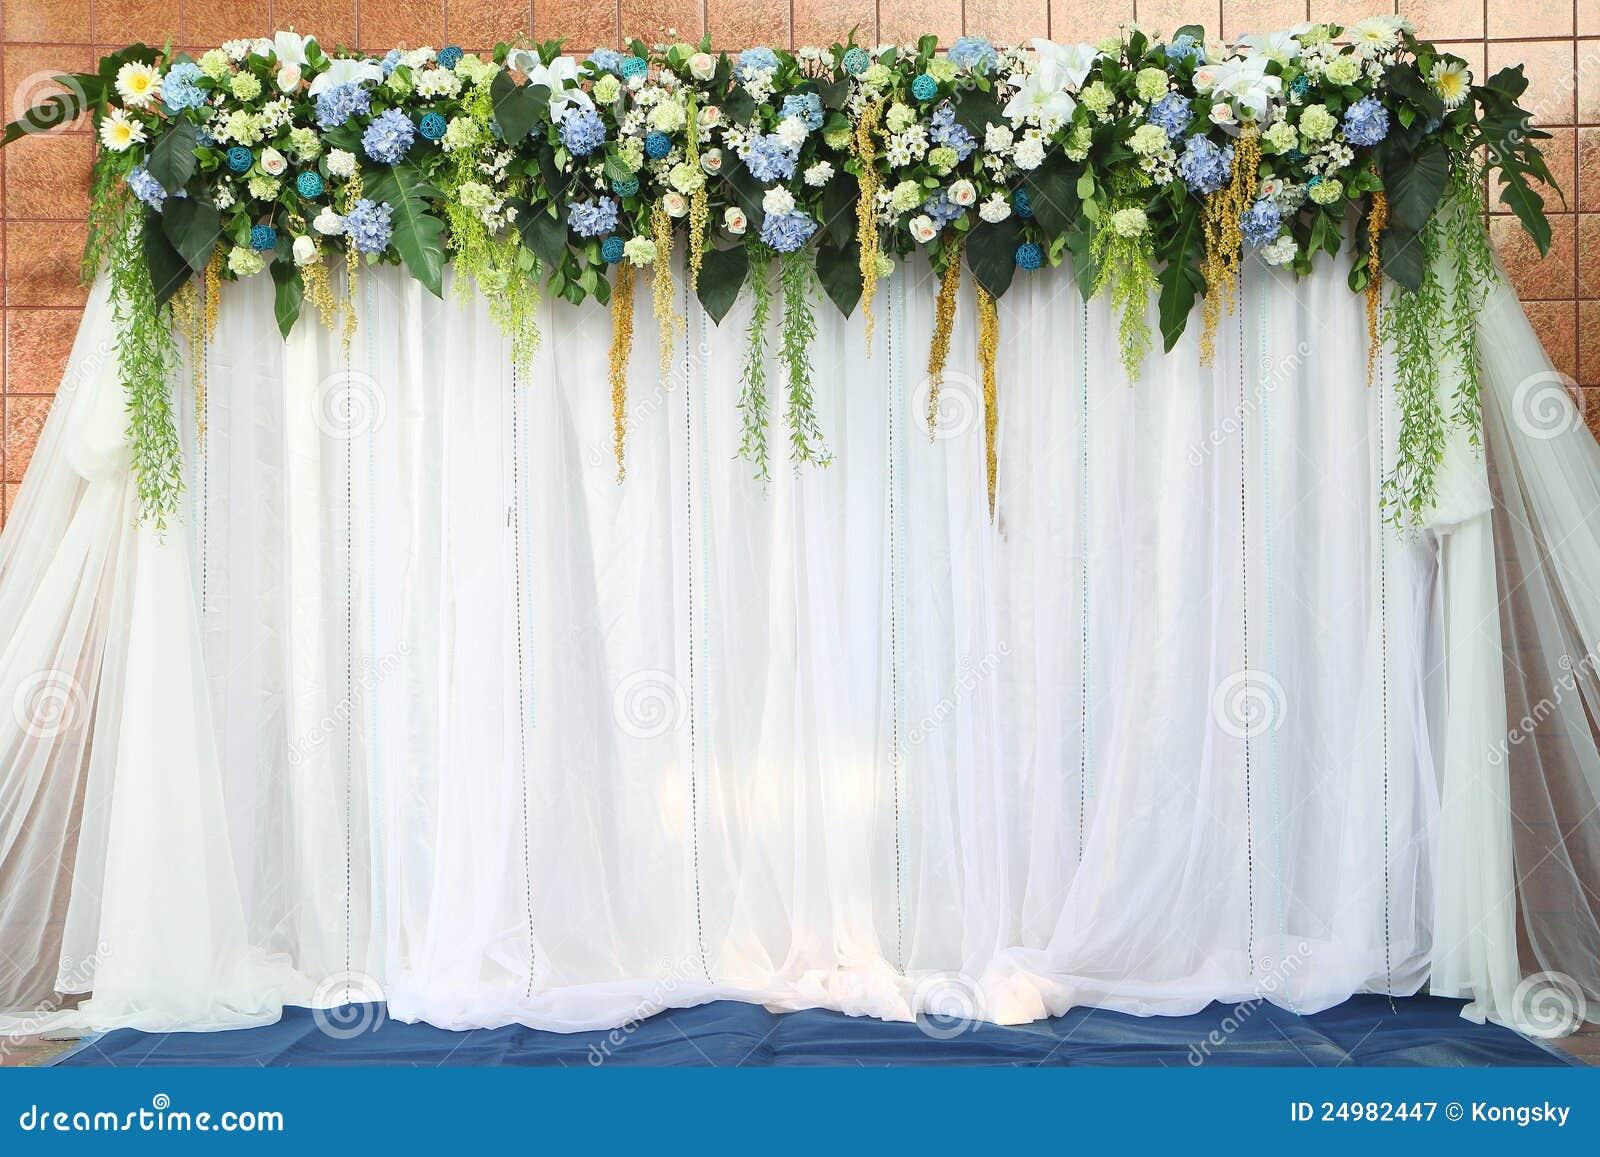 wedding background stock photography - photo #44